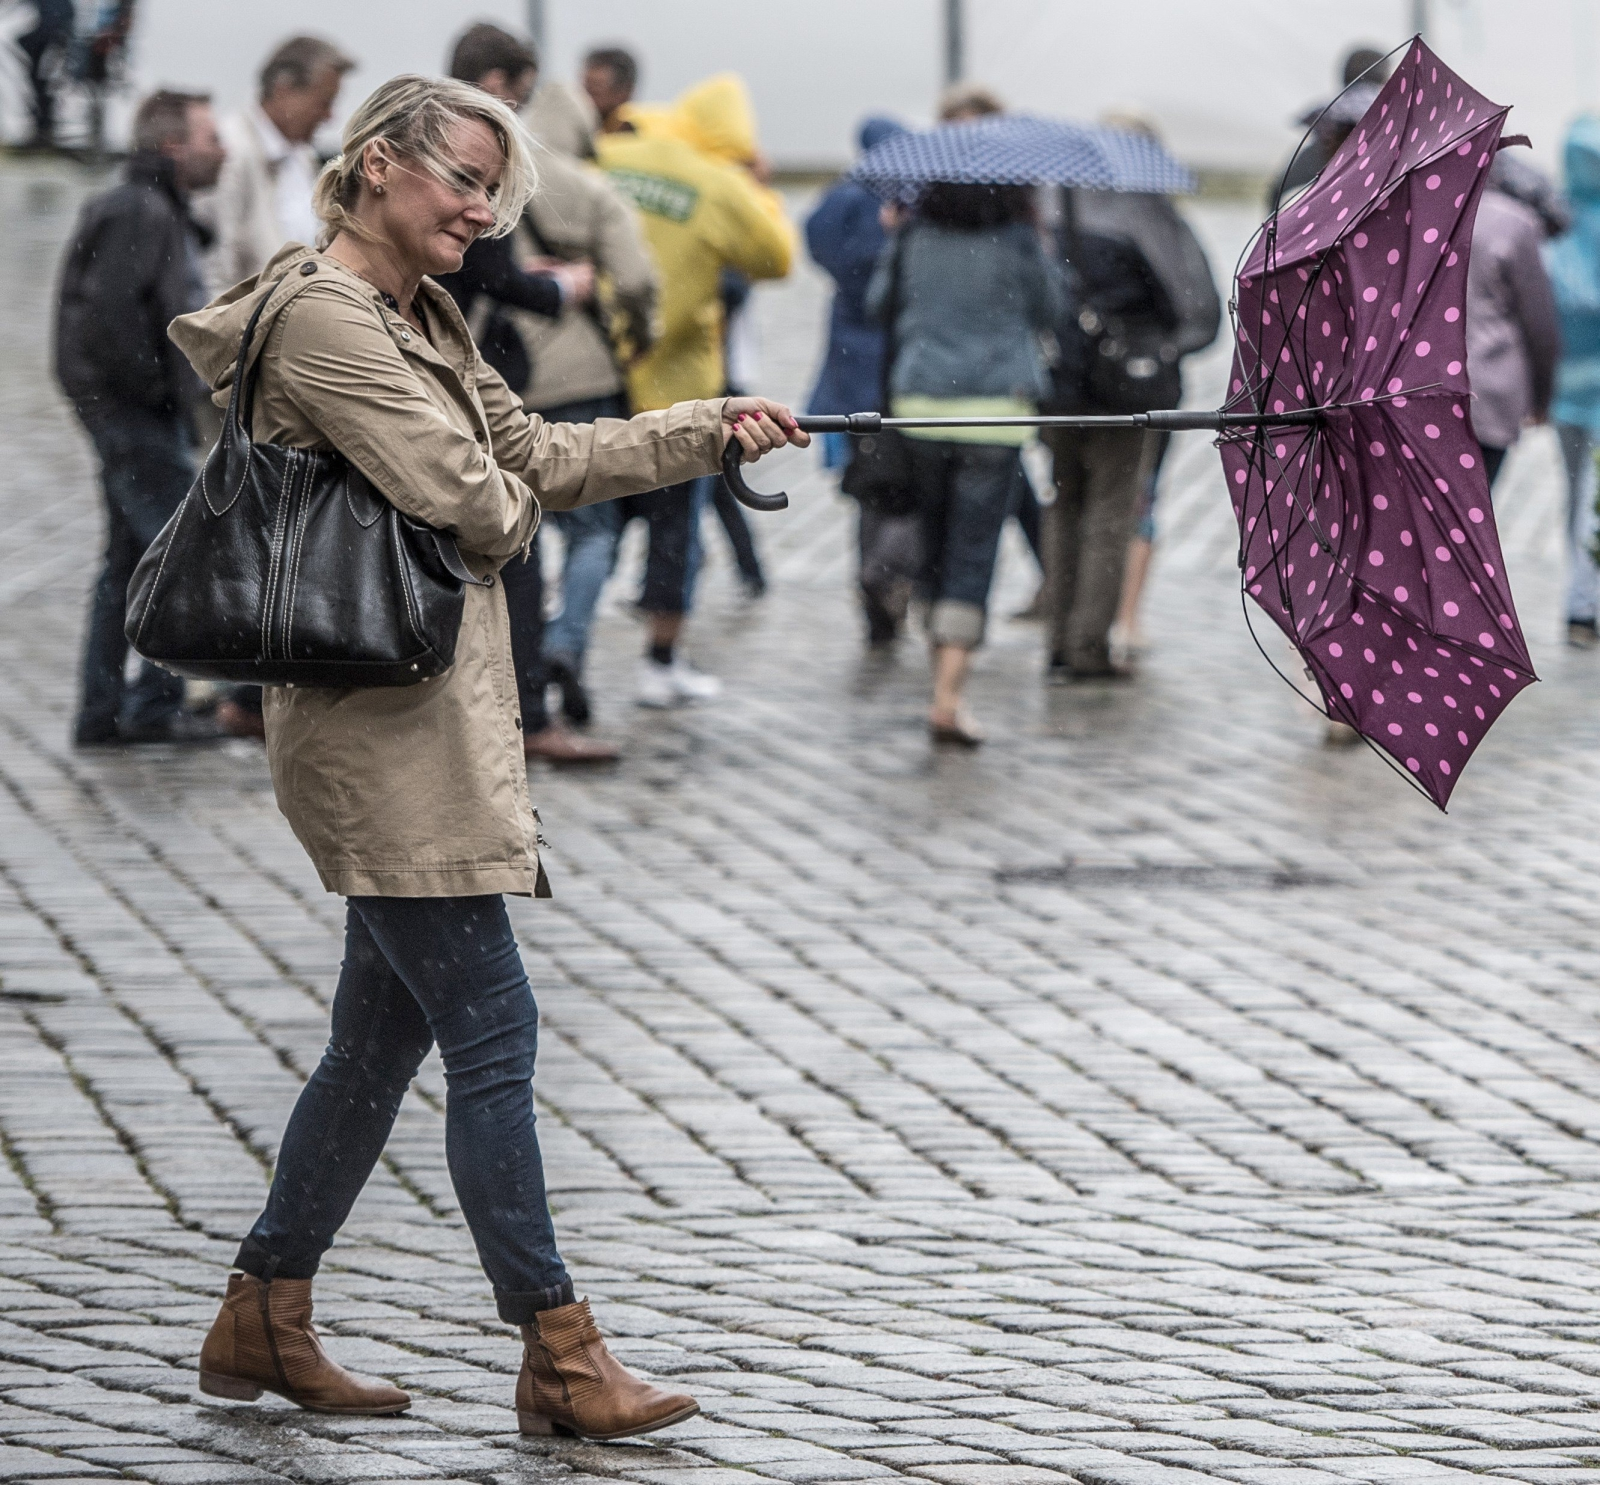 Pogoda dla Niemców nie jest tak łaskawa jak dla Hiszpanów, Drezno, Niemcy.